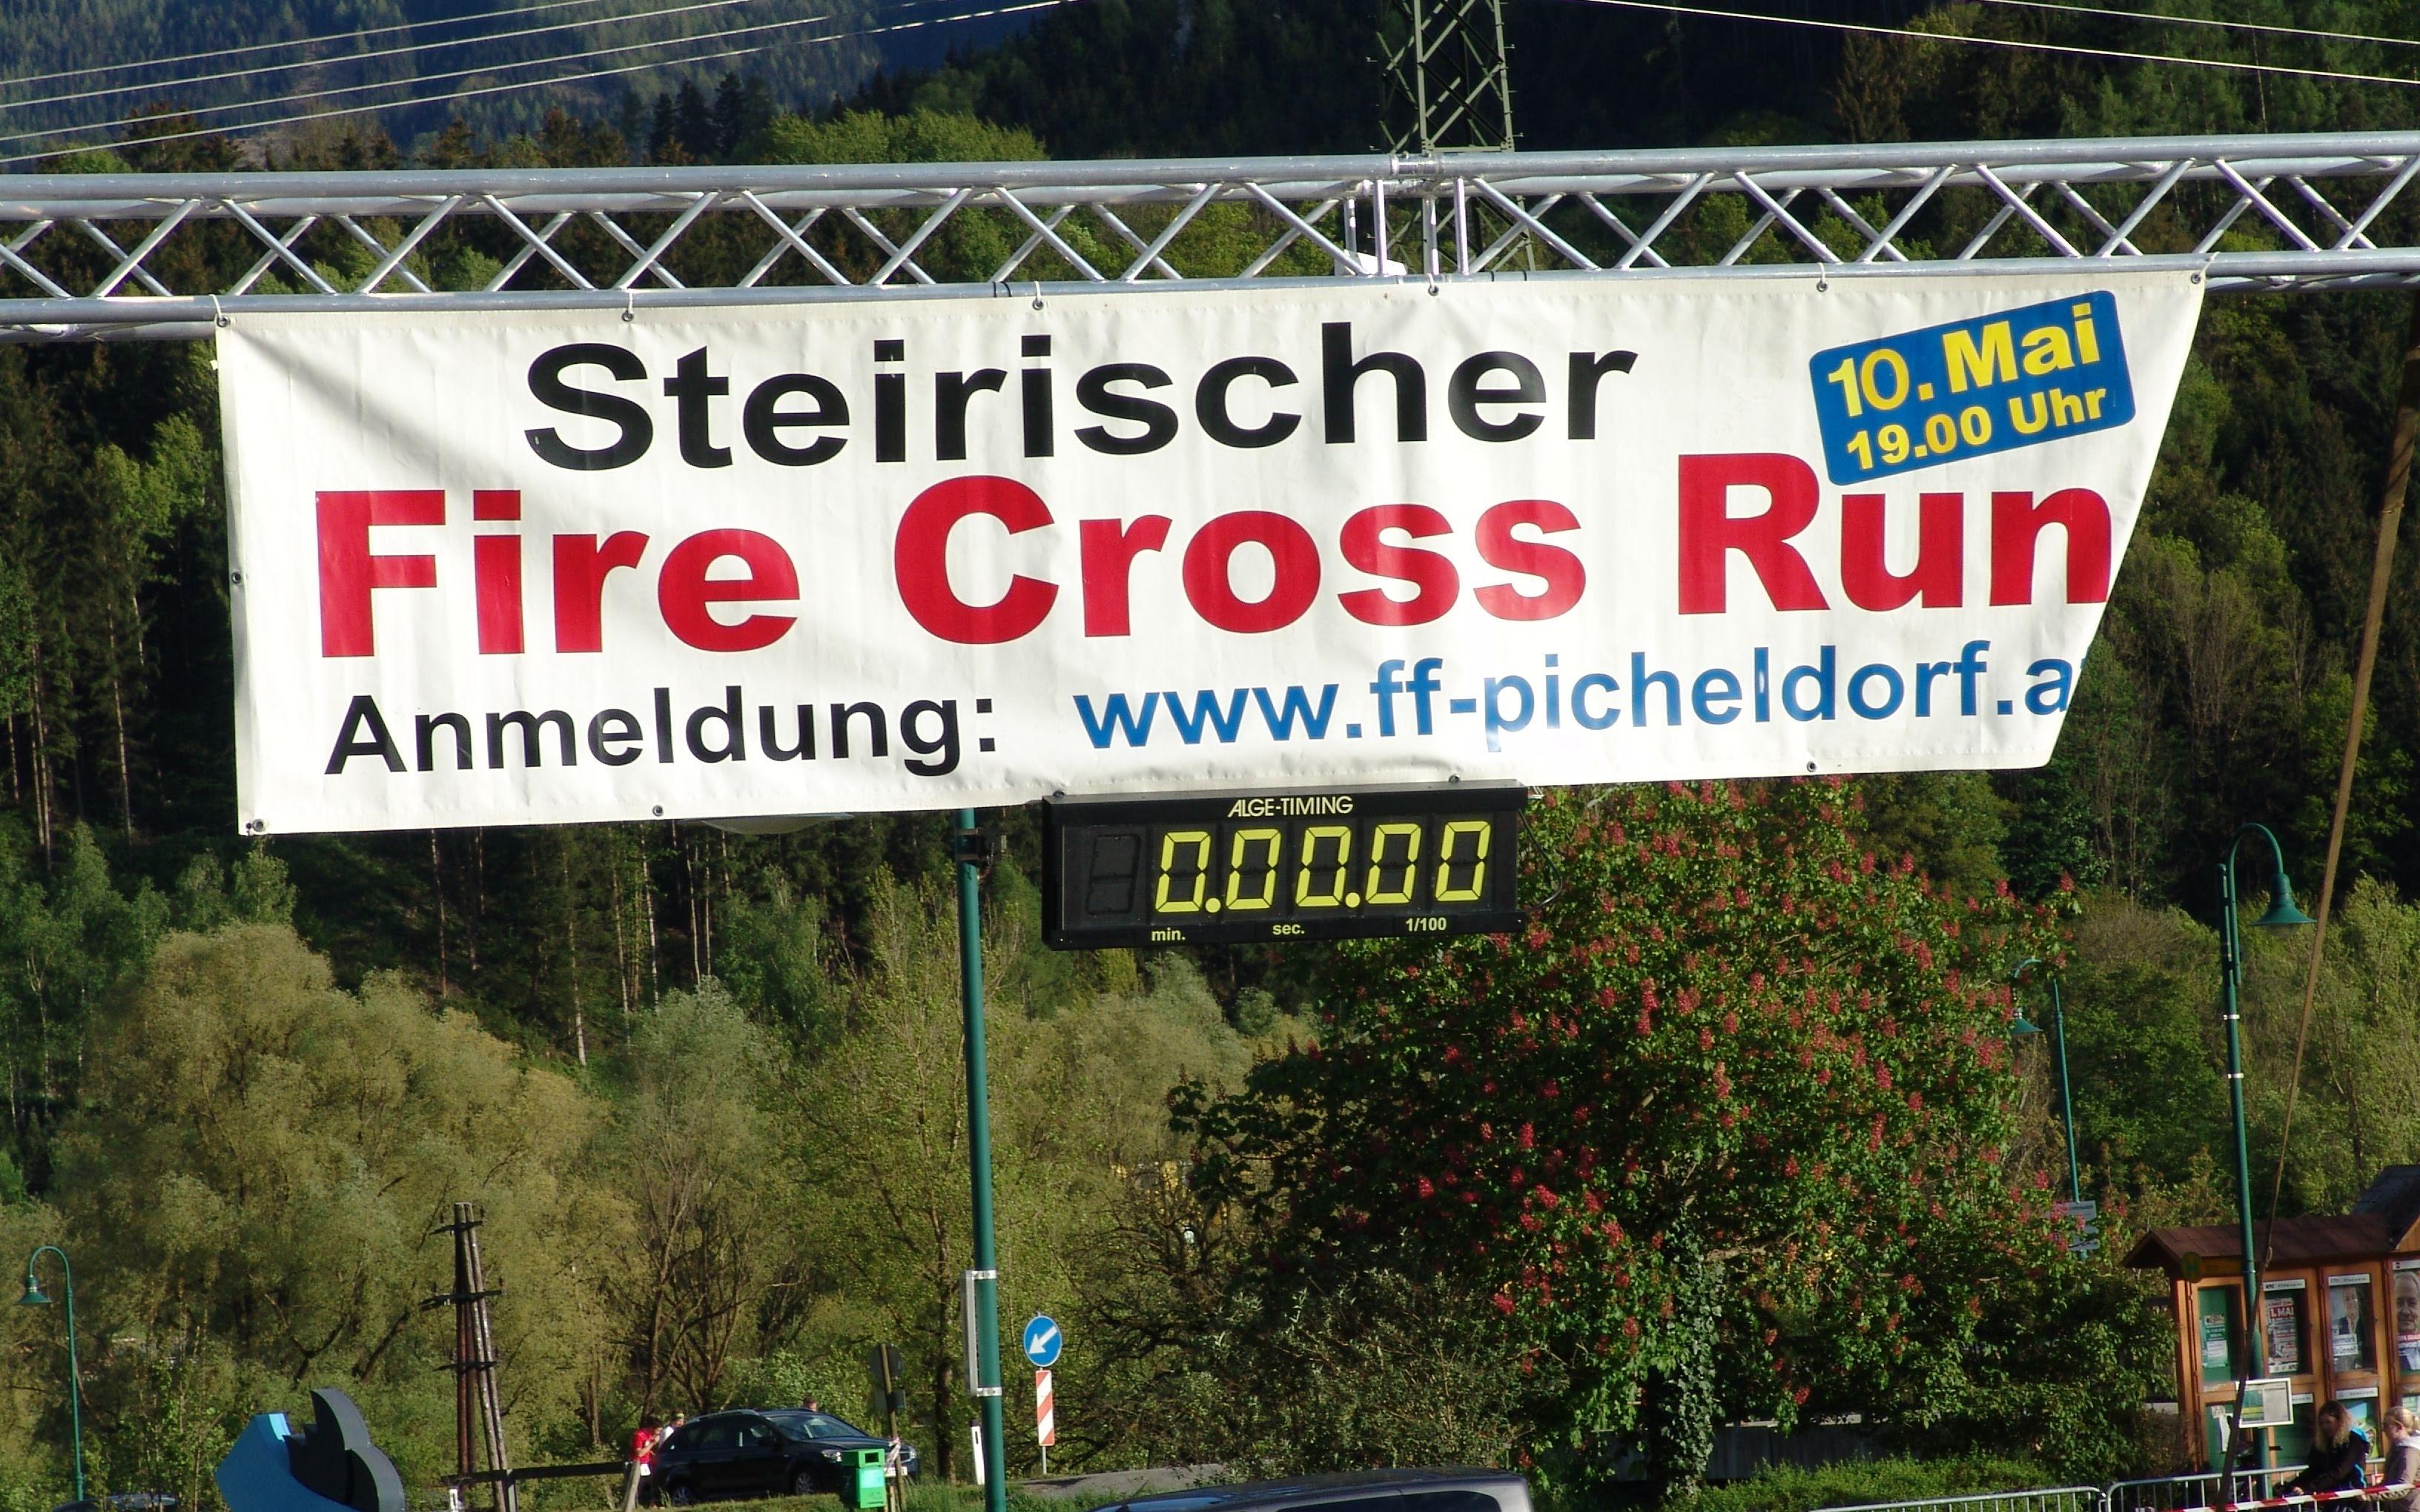 Fire Cross Run